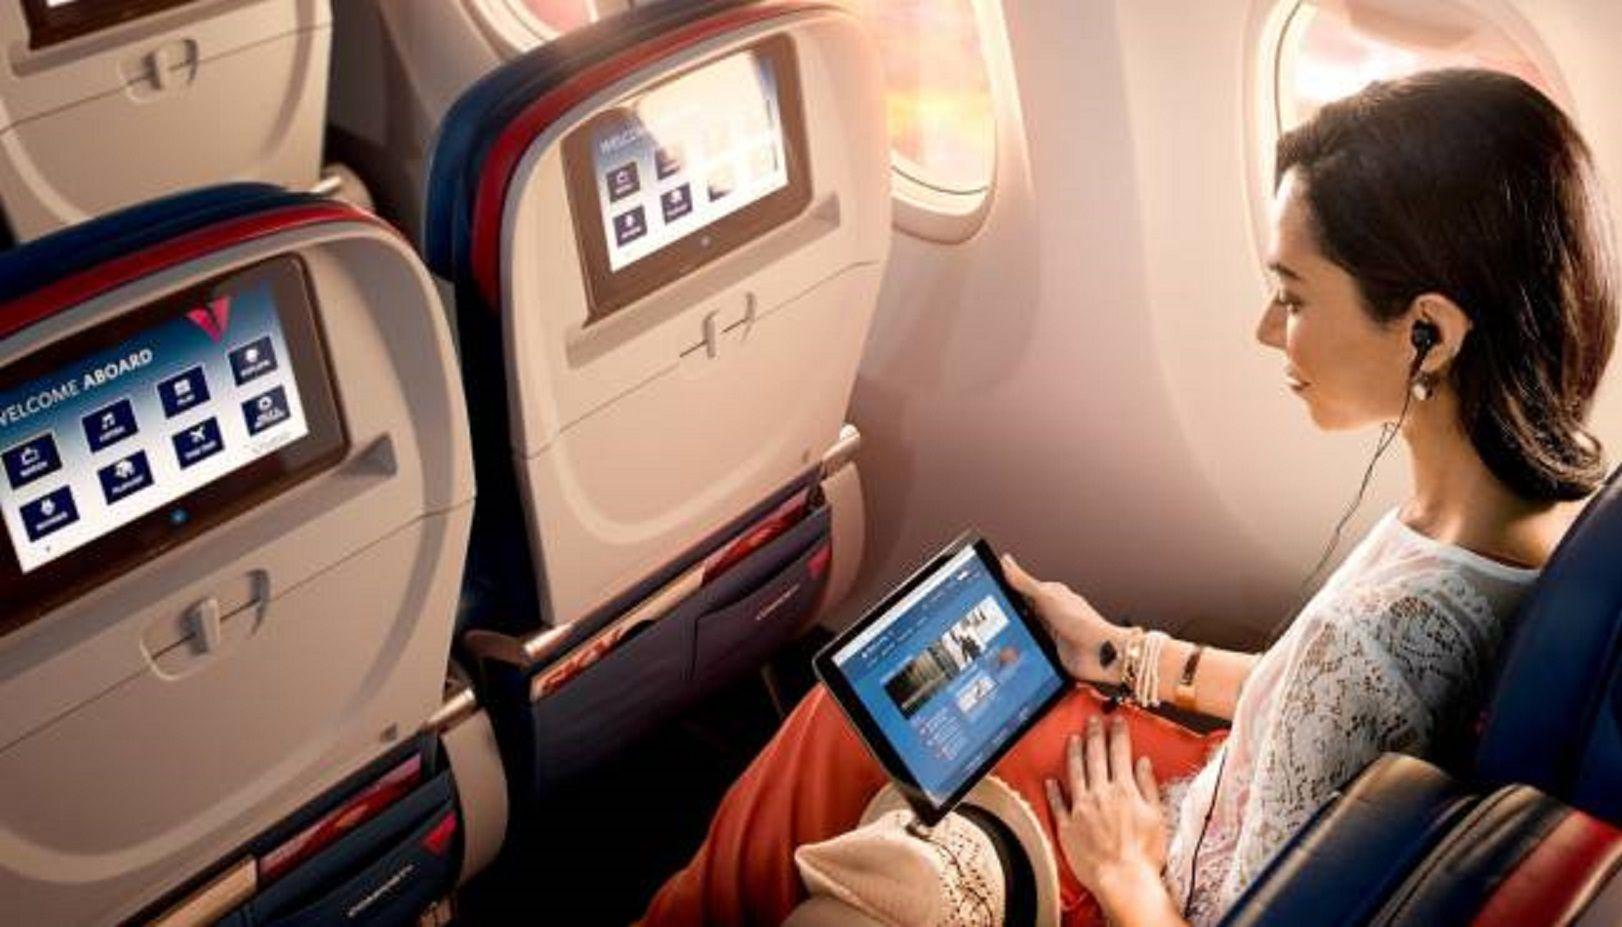 Ya no se podrá volar a Estados Unidos con computadoras y tablets